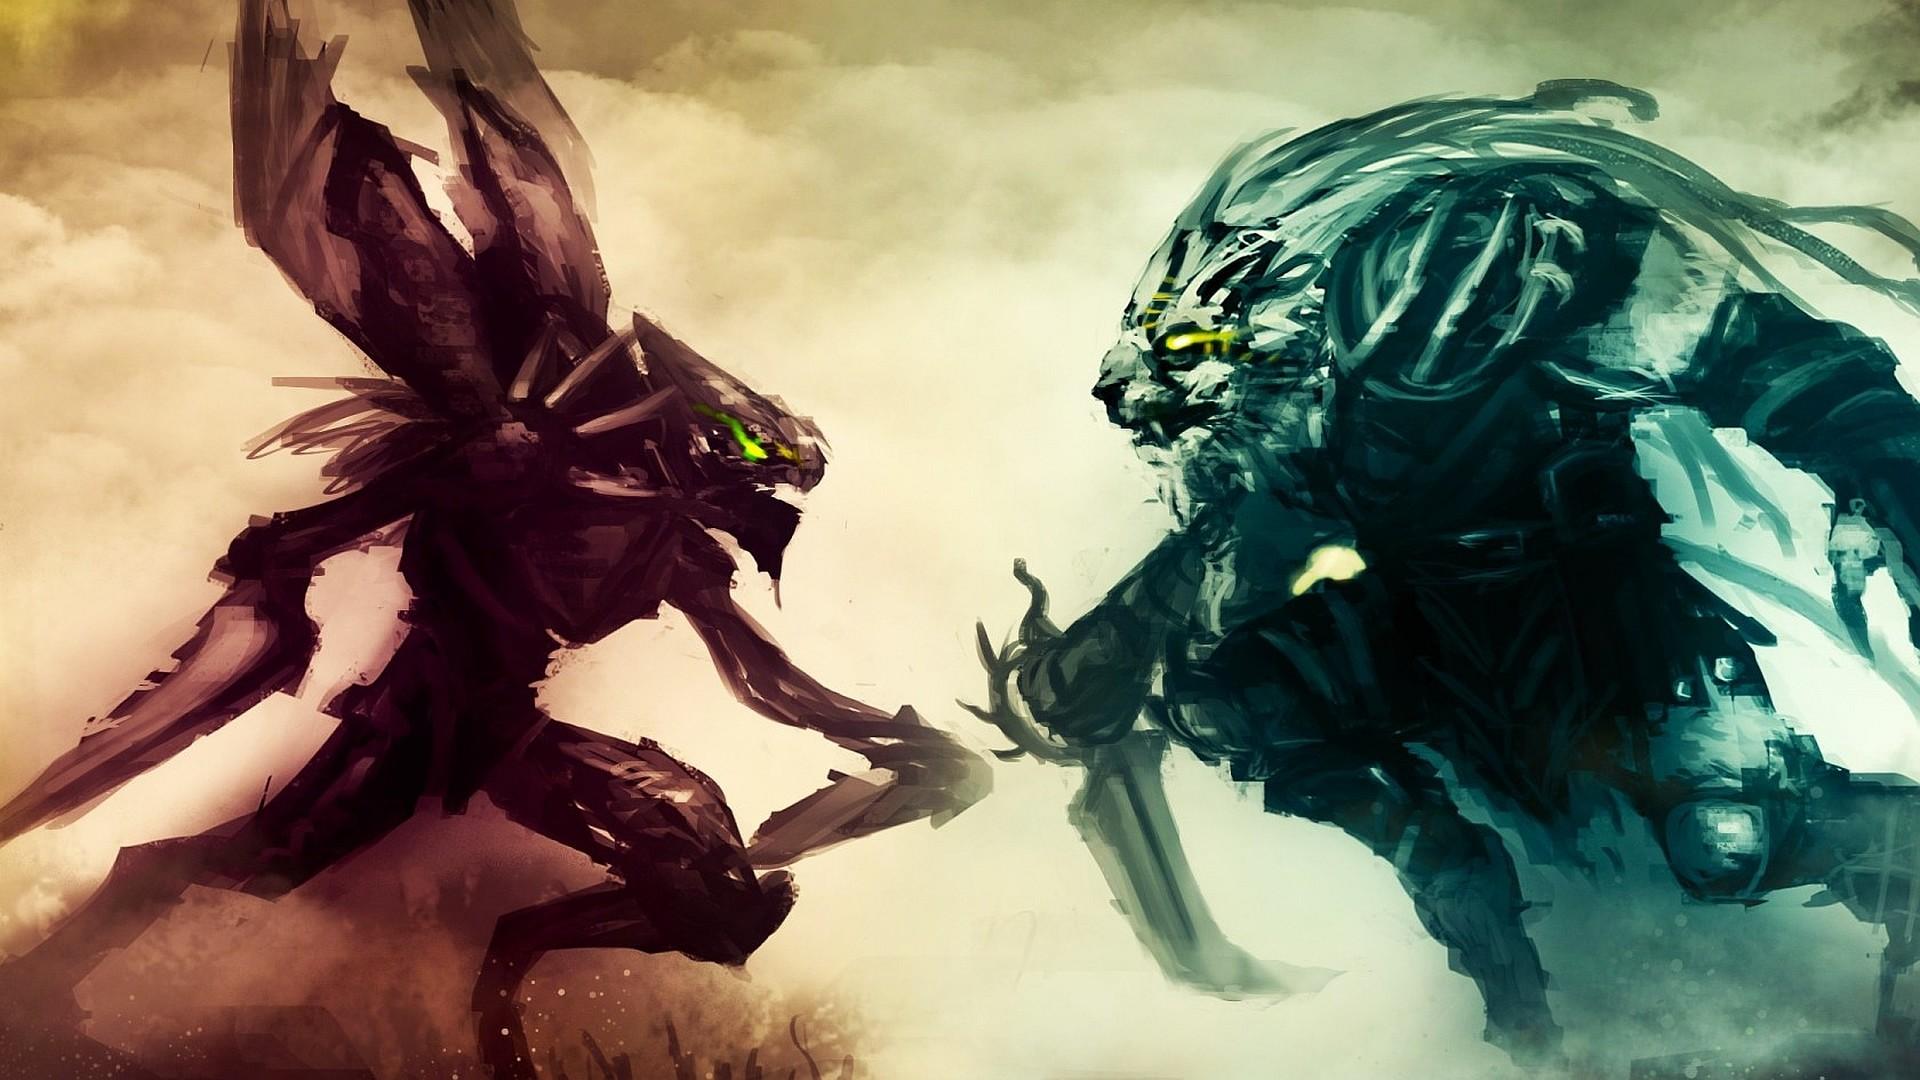 Kha'Zix vs Rengar wallpaper